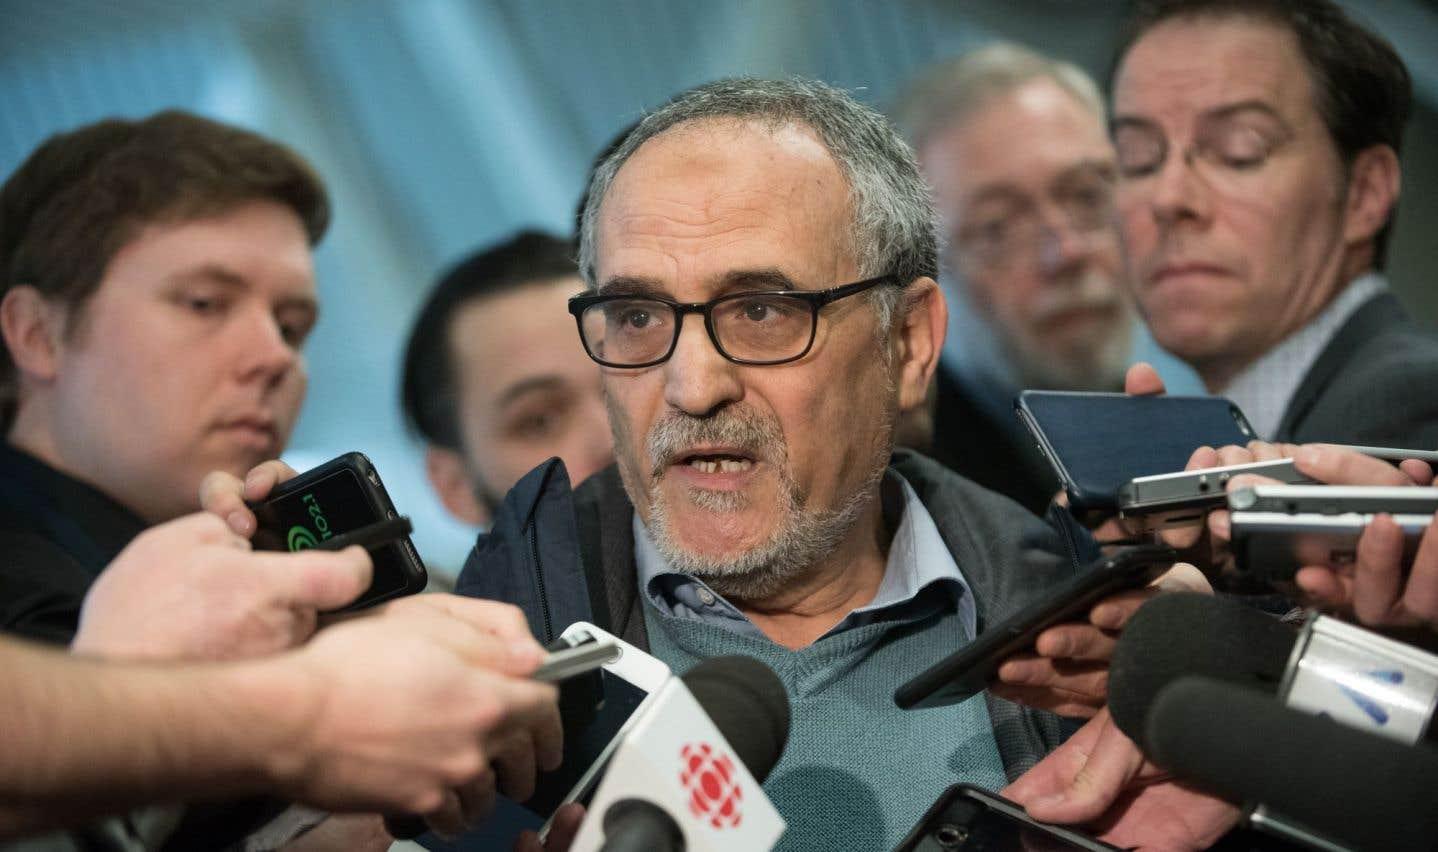 La classe politique québécoise s'émeut après le crime commis contre un leader musulman